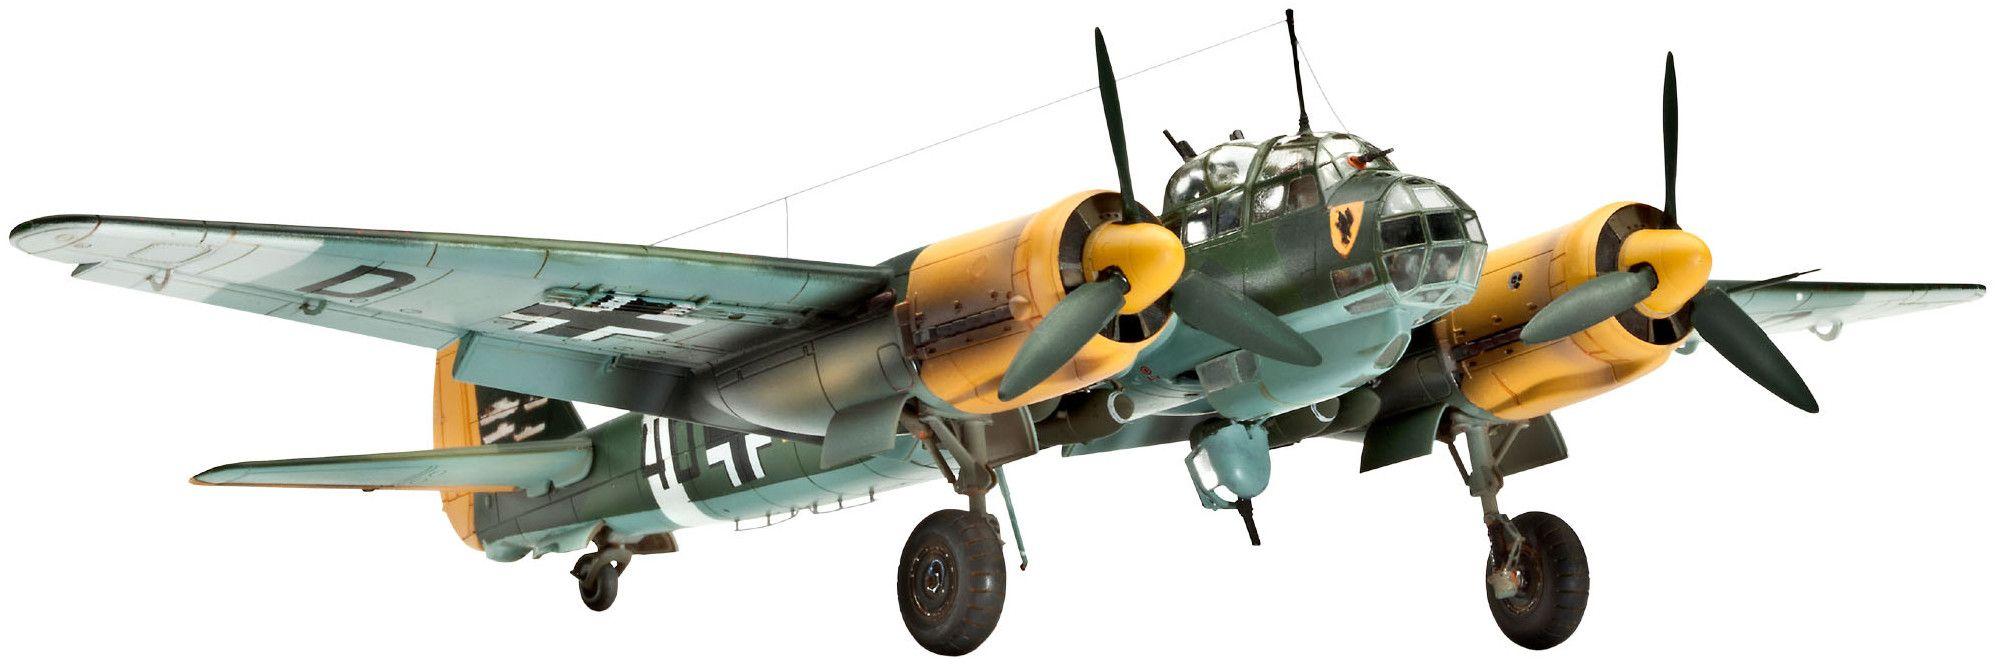 Сглобяем модел на военен самолет Revell Junkers - Ju88 A-4 Bomber (04672) - 1